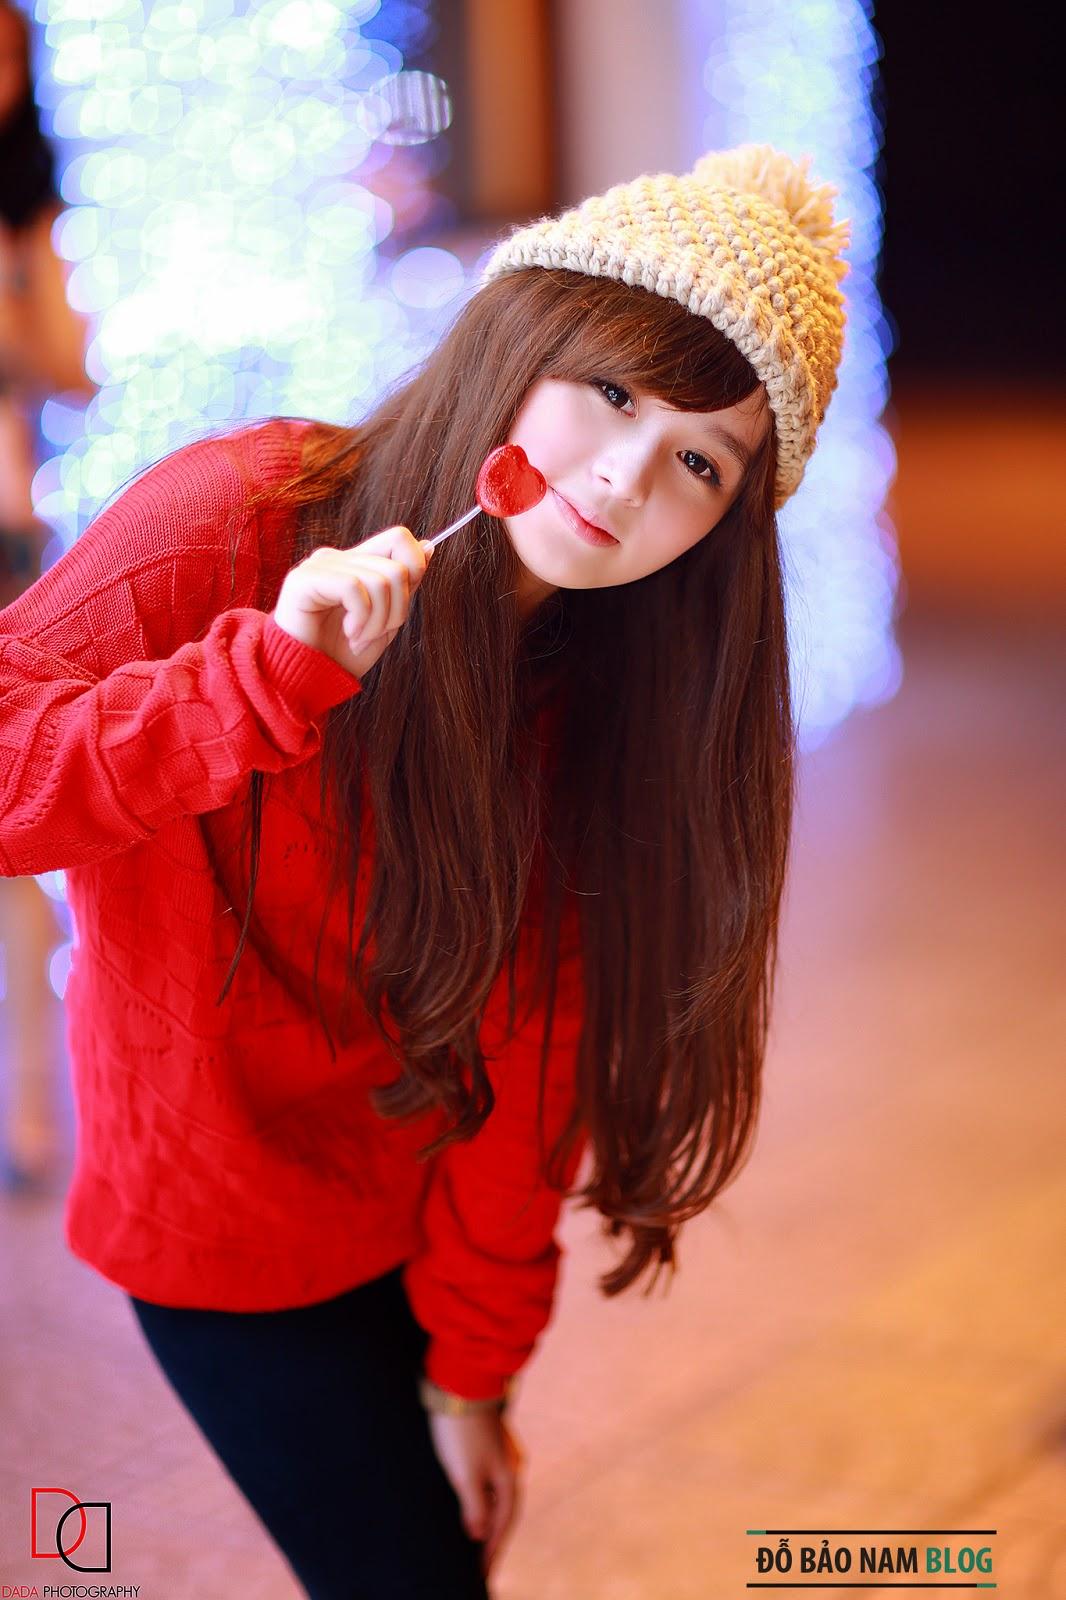 Ảnh đẹp girl xinh mới nhất 2014 được tuyển chọn 16